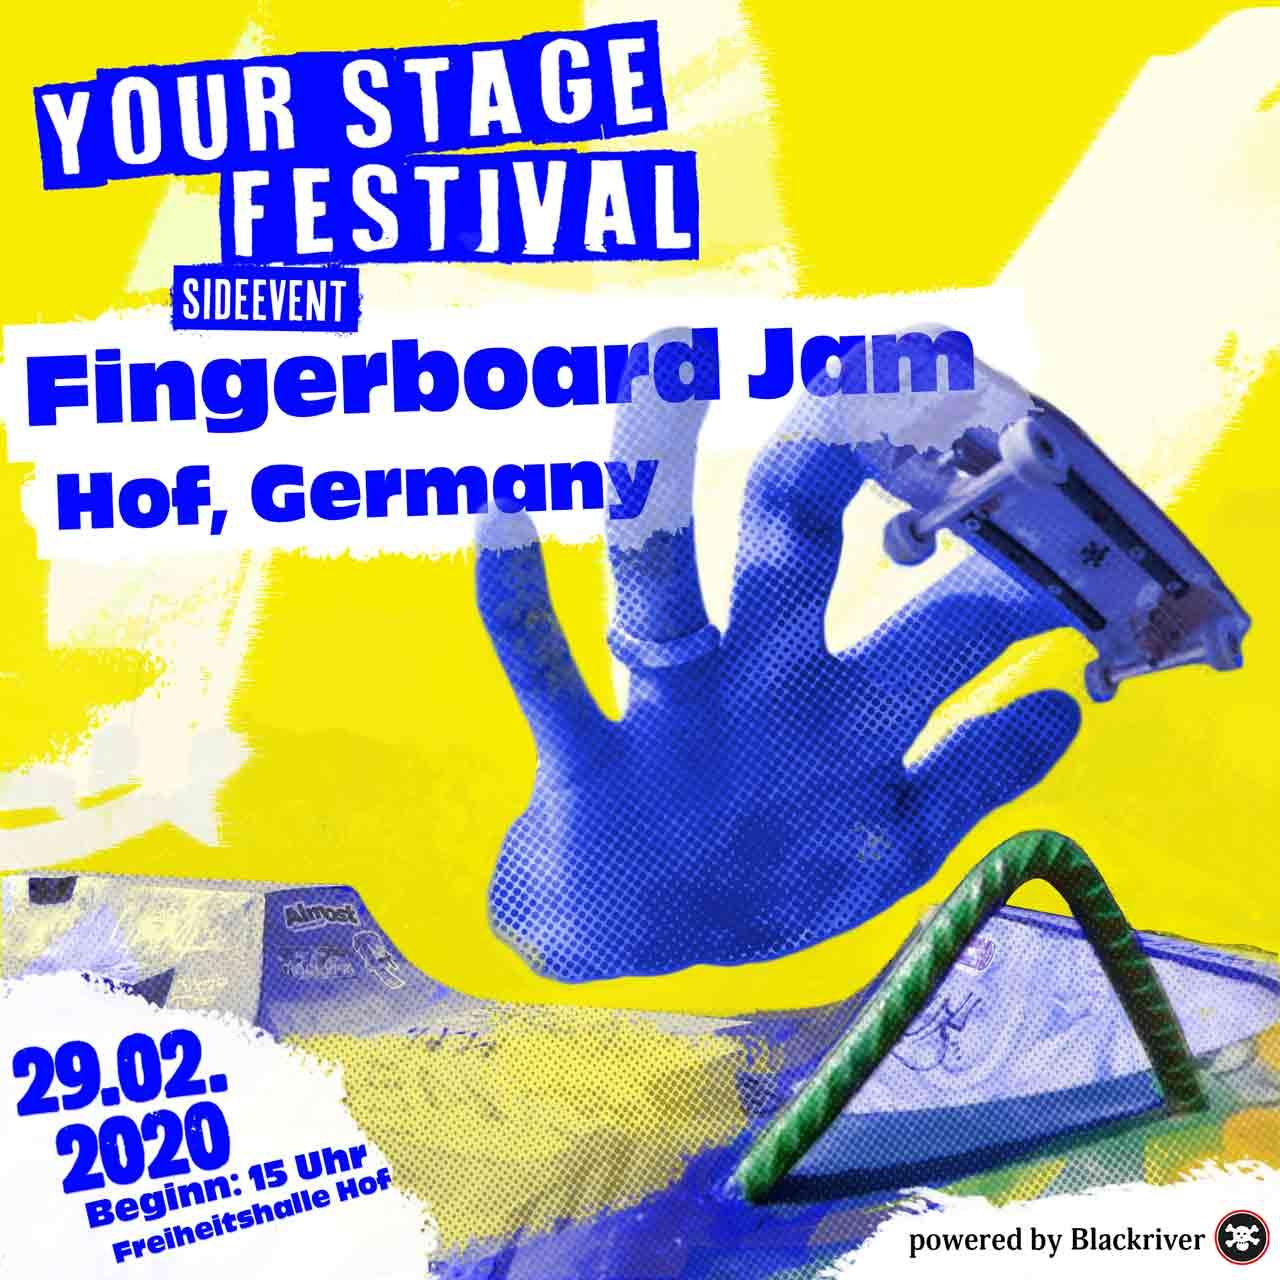 Blackriver Fingerboard Jam - Your Stage Festival 2020